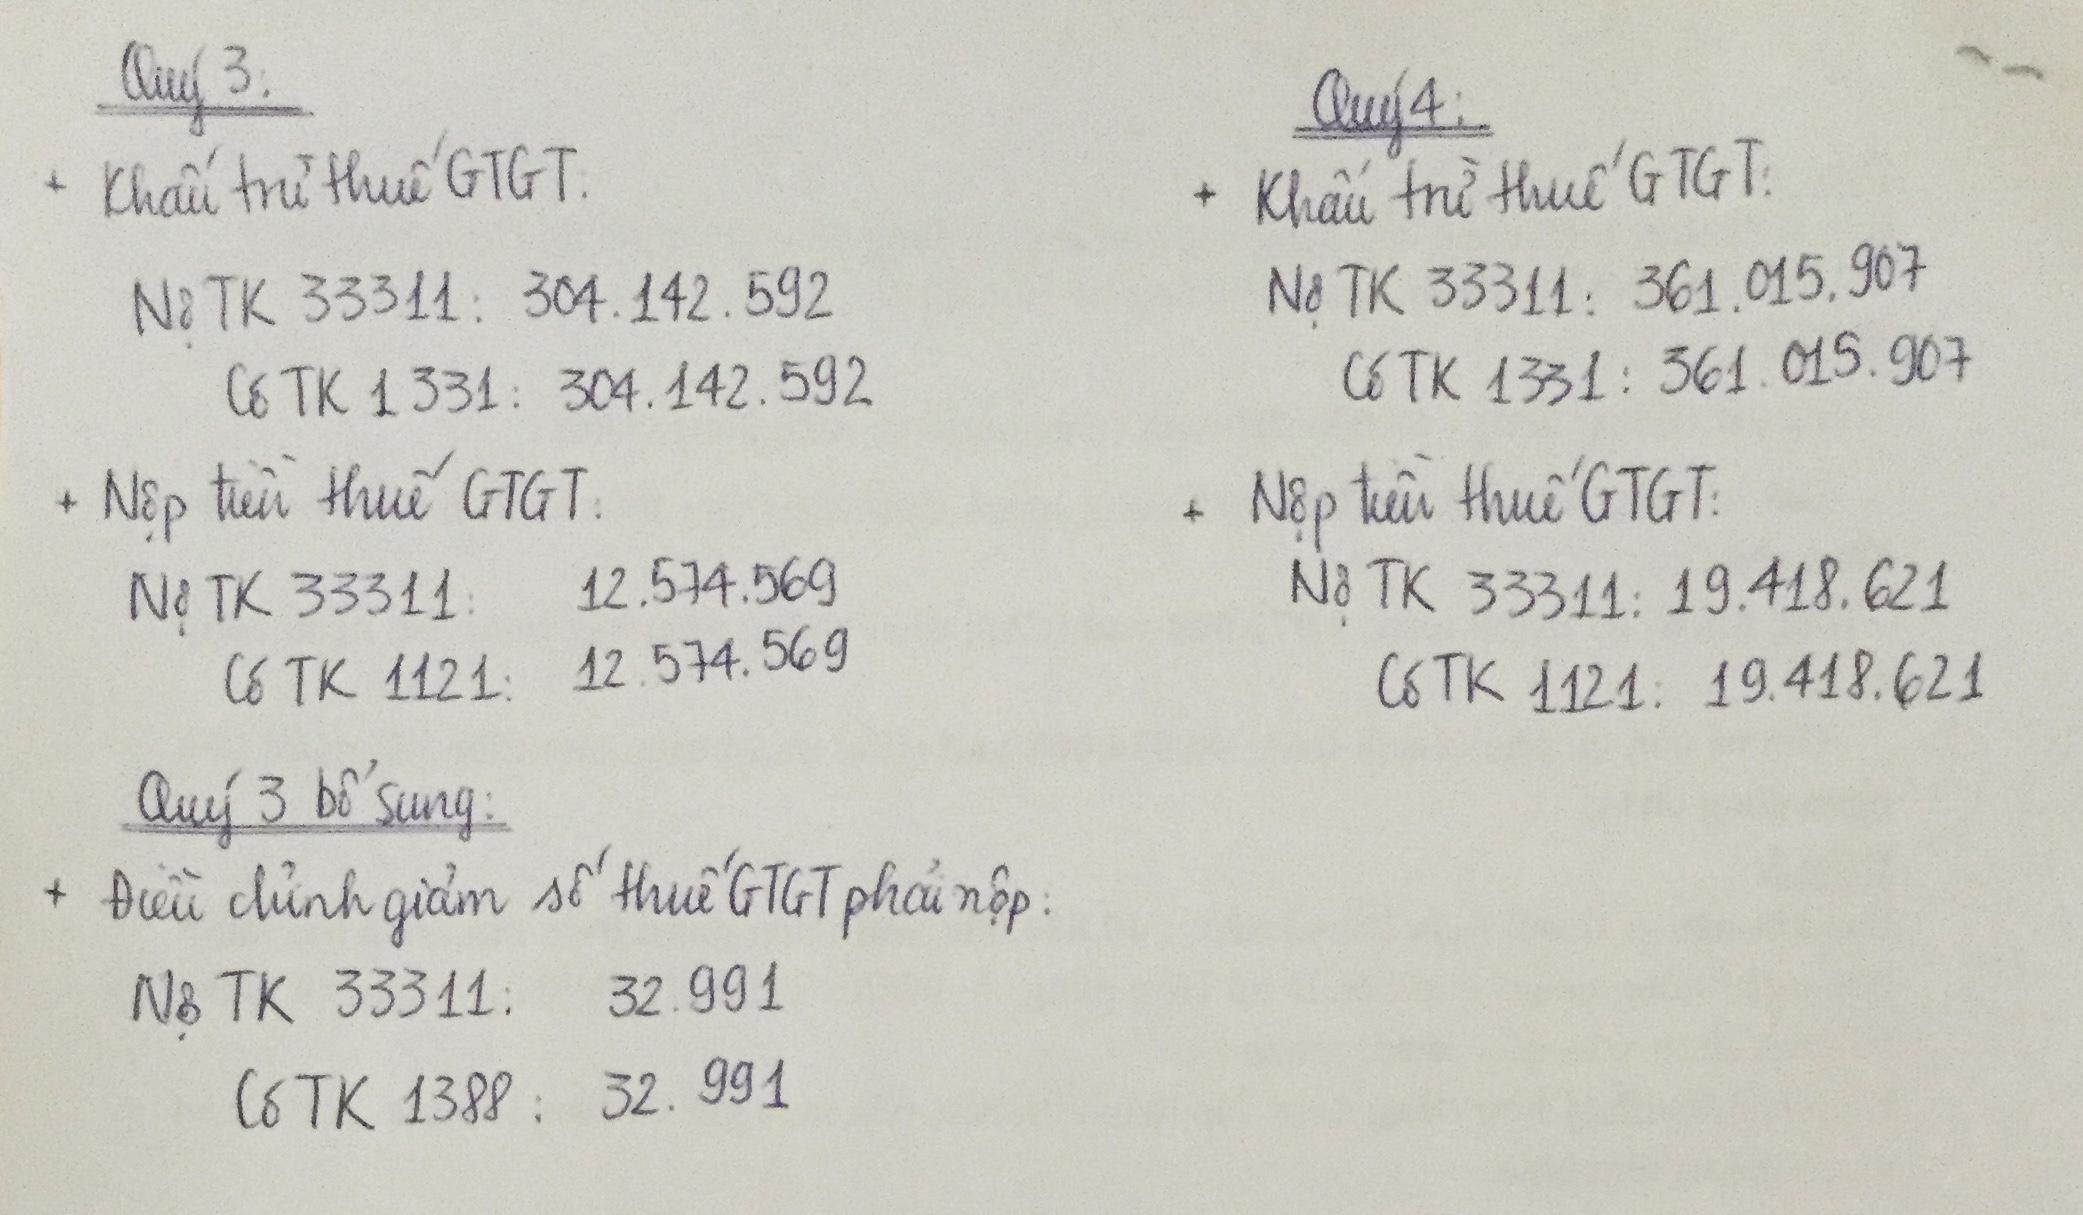 DD8B5575-672A-4819-A5CC-B9DE781C35D4.